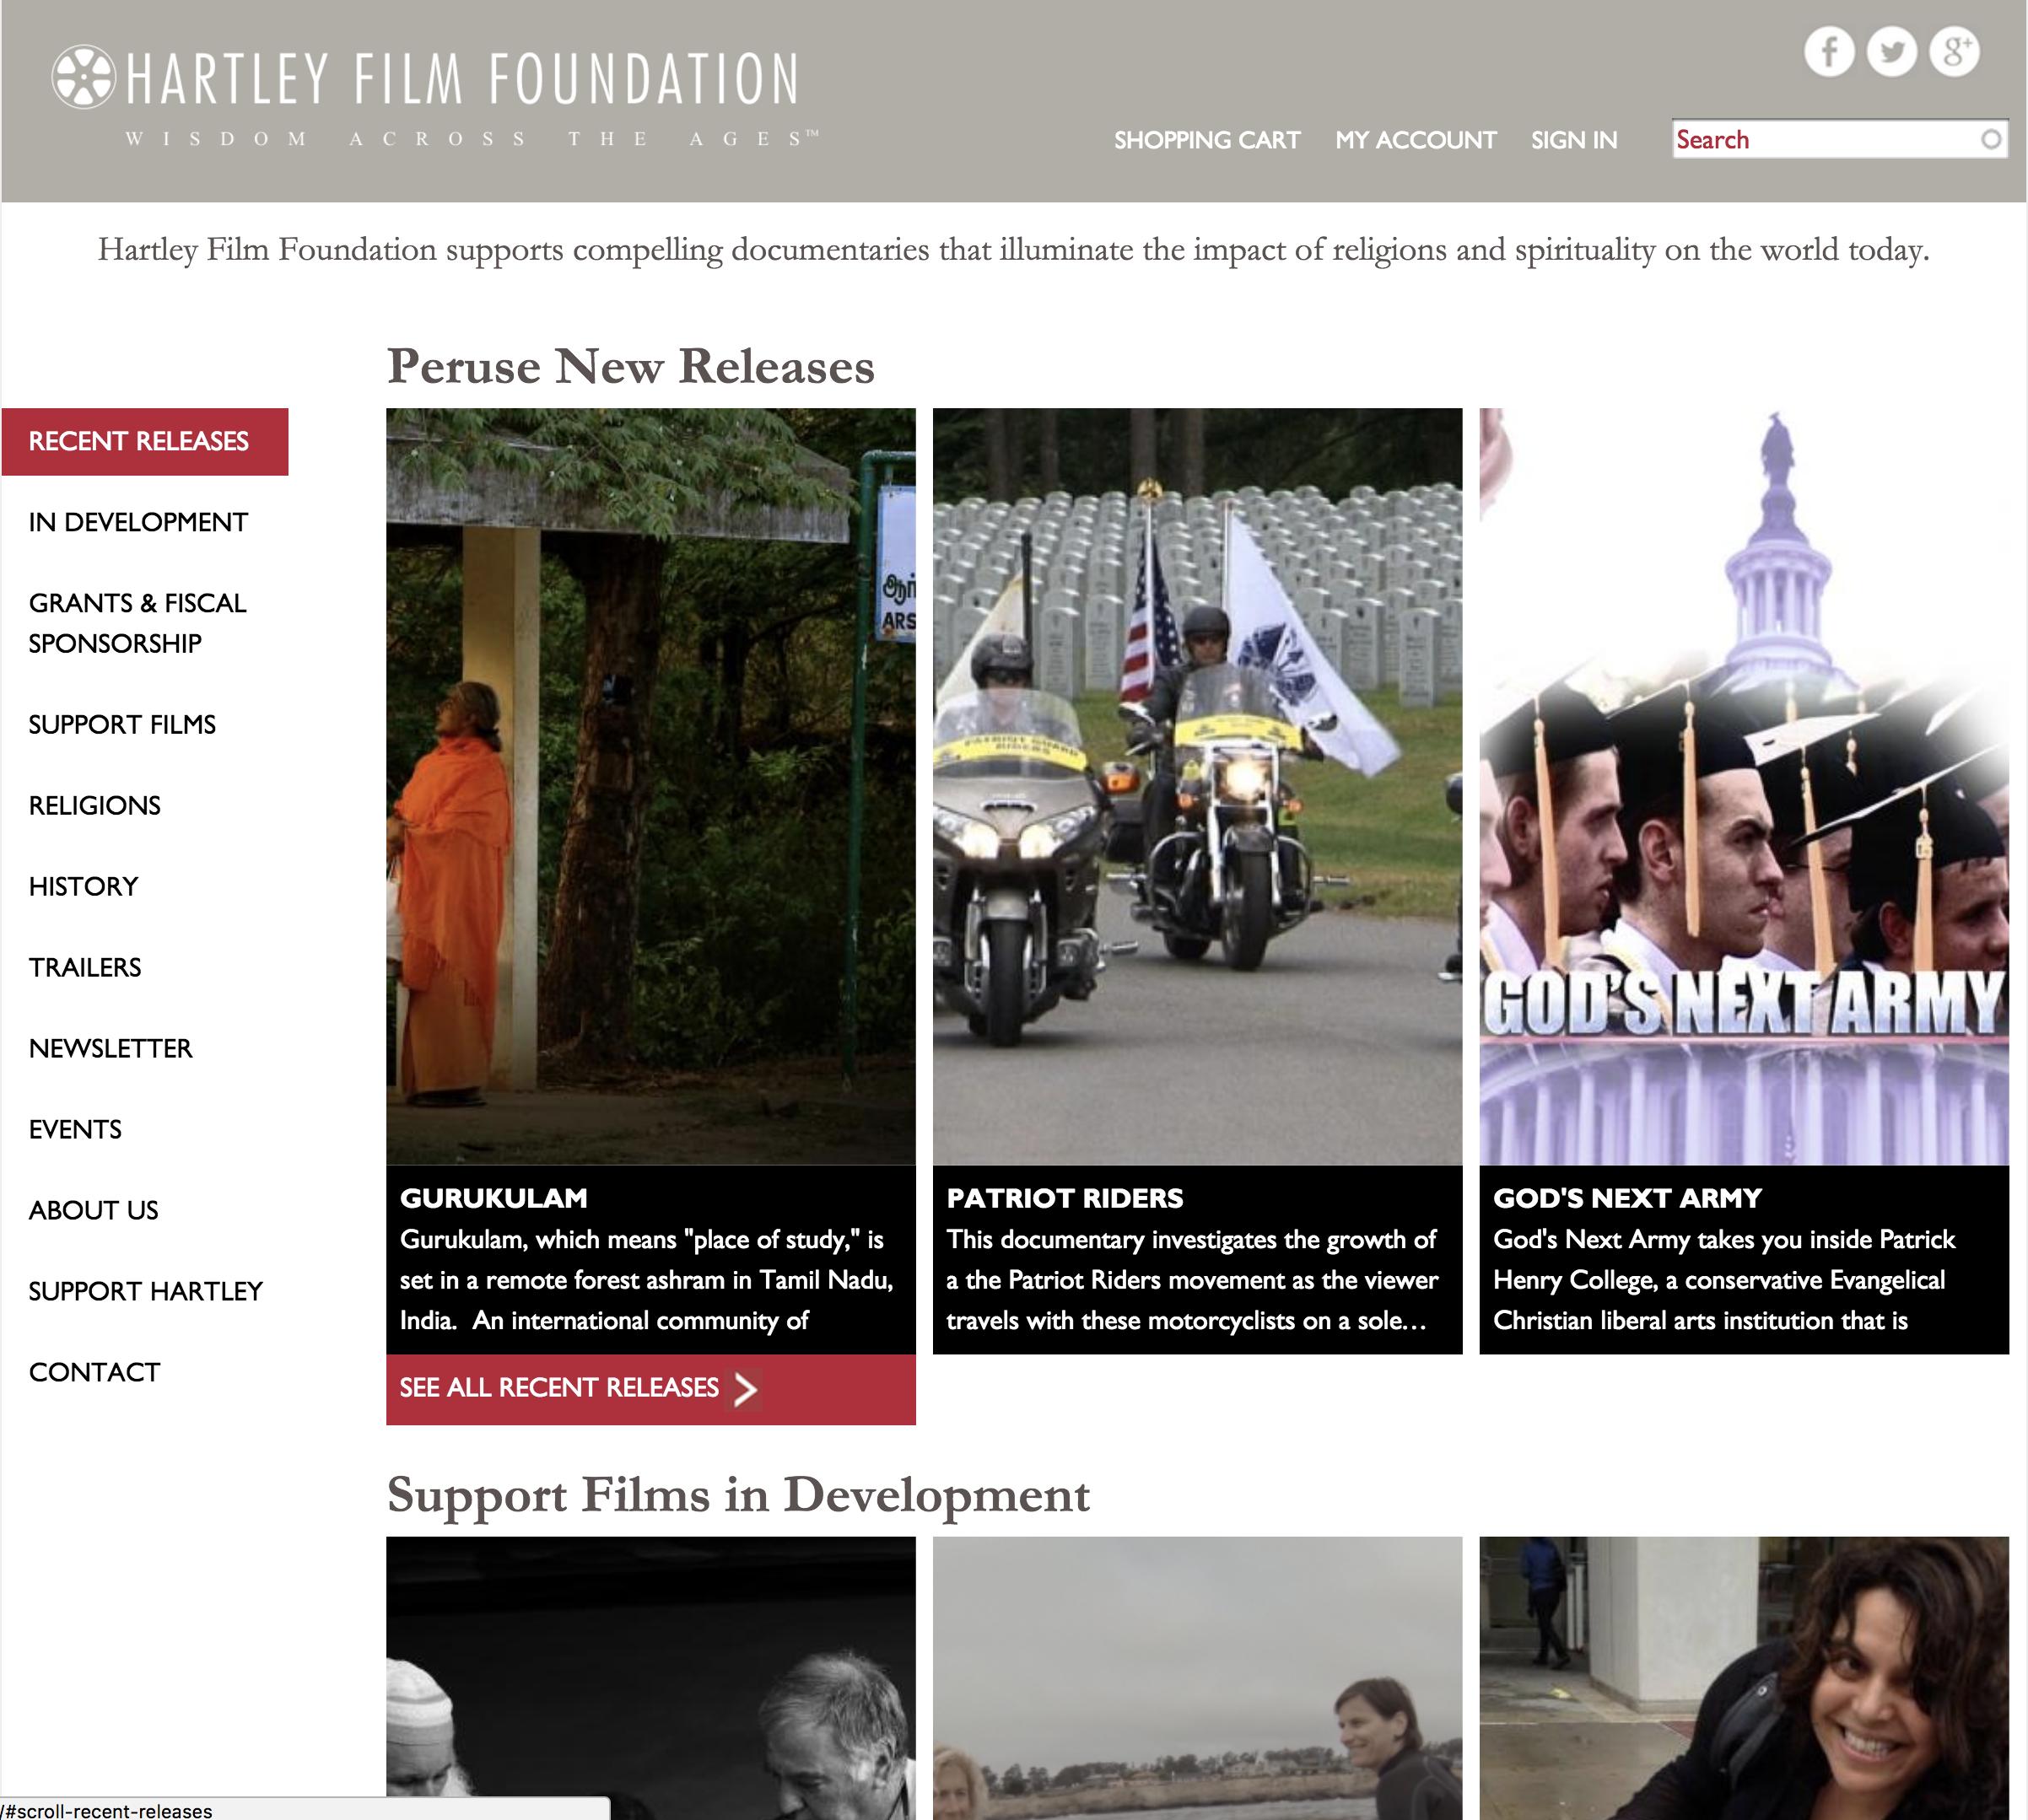 Hartley-film-foundation-website.png